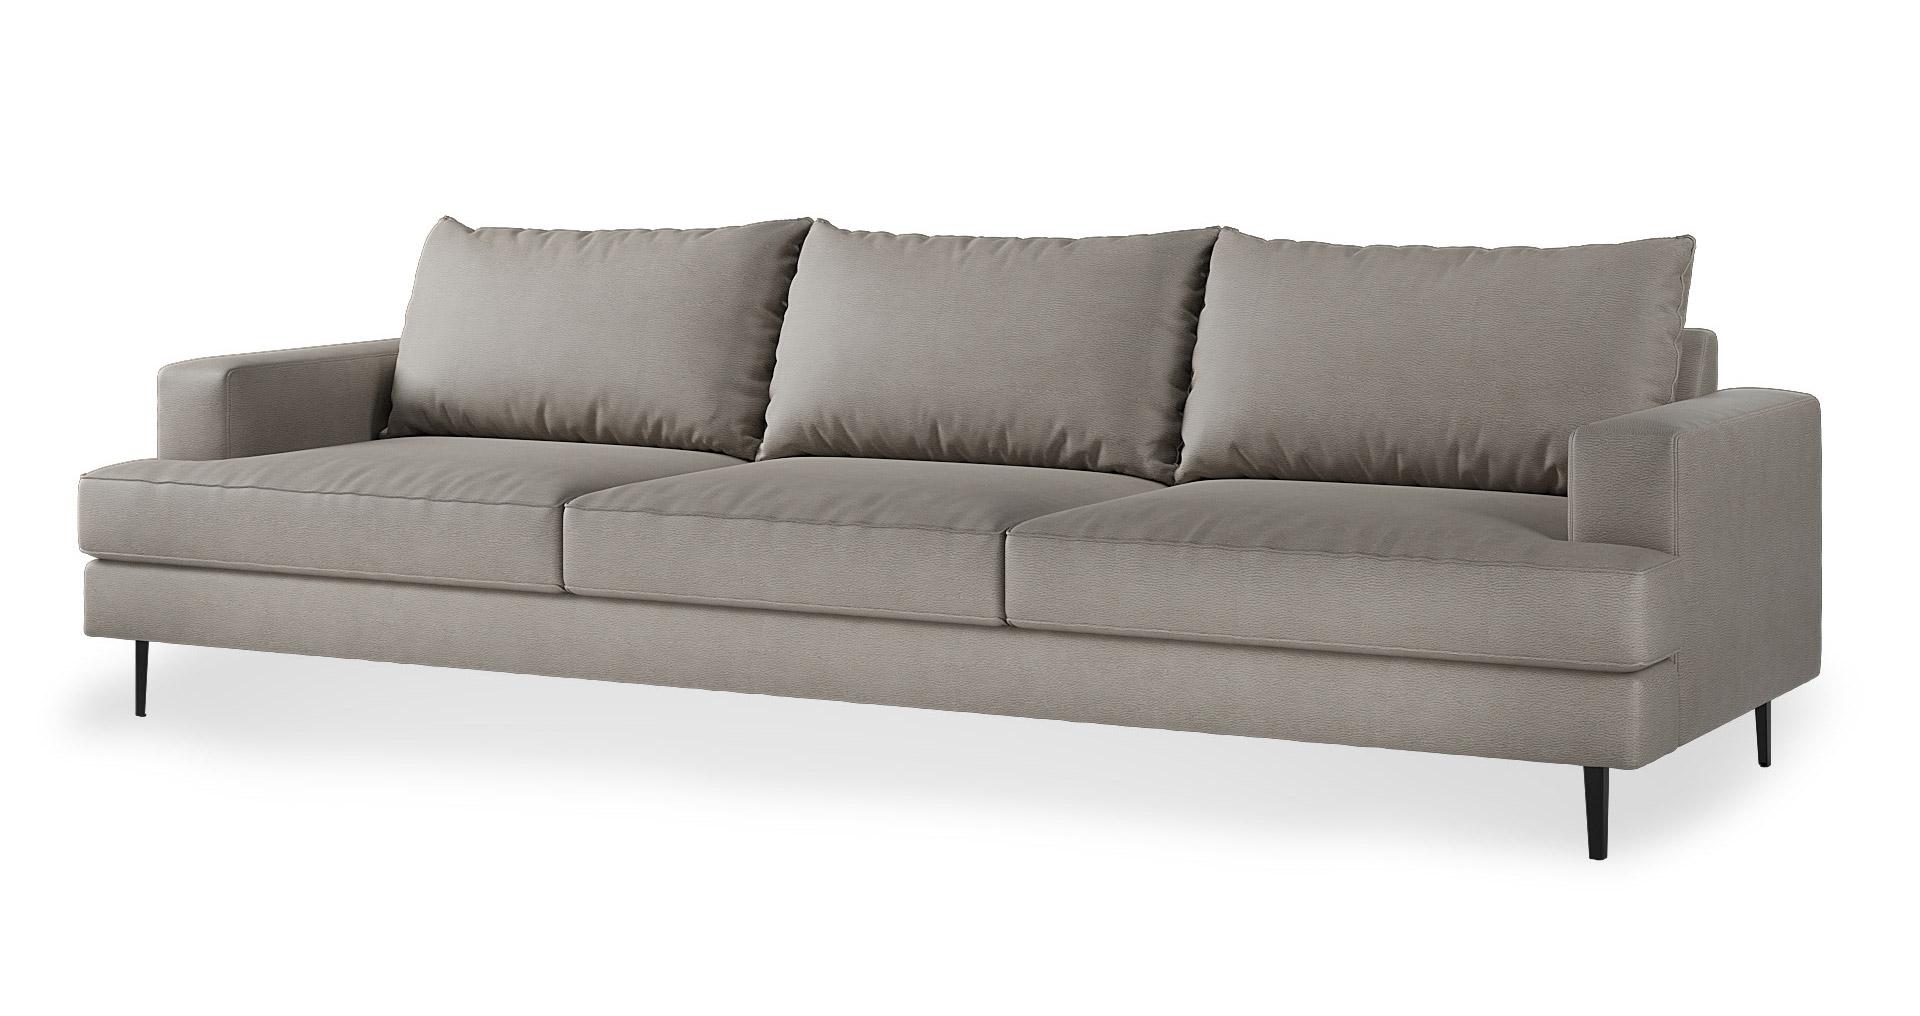 """ספה בוז'ולה 295 ס""""מ בגוון אפור טודרה"""